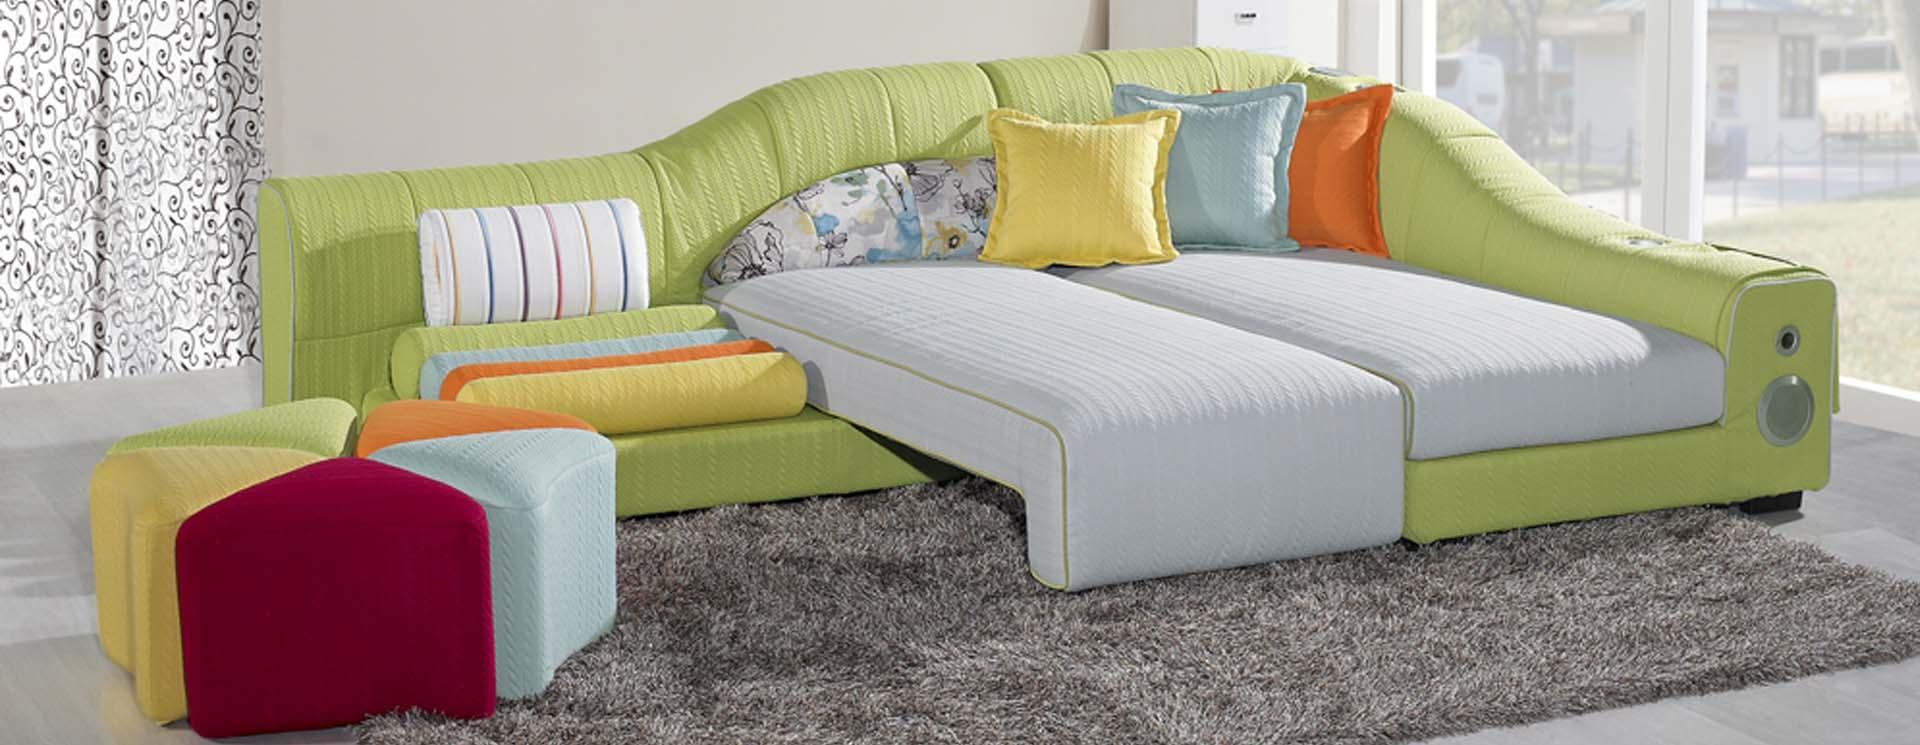 名称:沙发E-692A#<br/> 市场价:<font style='color:#999;text-decoration:line-through;'>¥0</font><br />全国统一零售价:<font color='Red'>¥0.0</font>